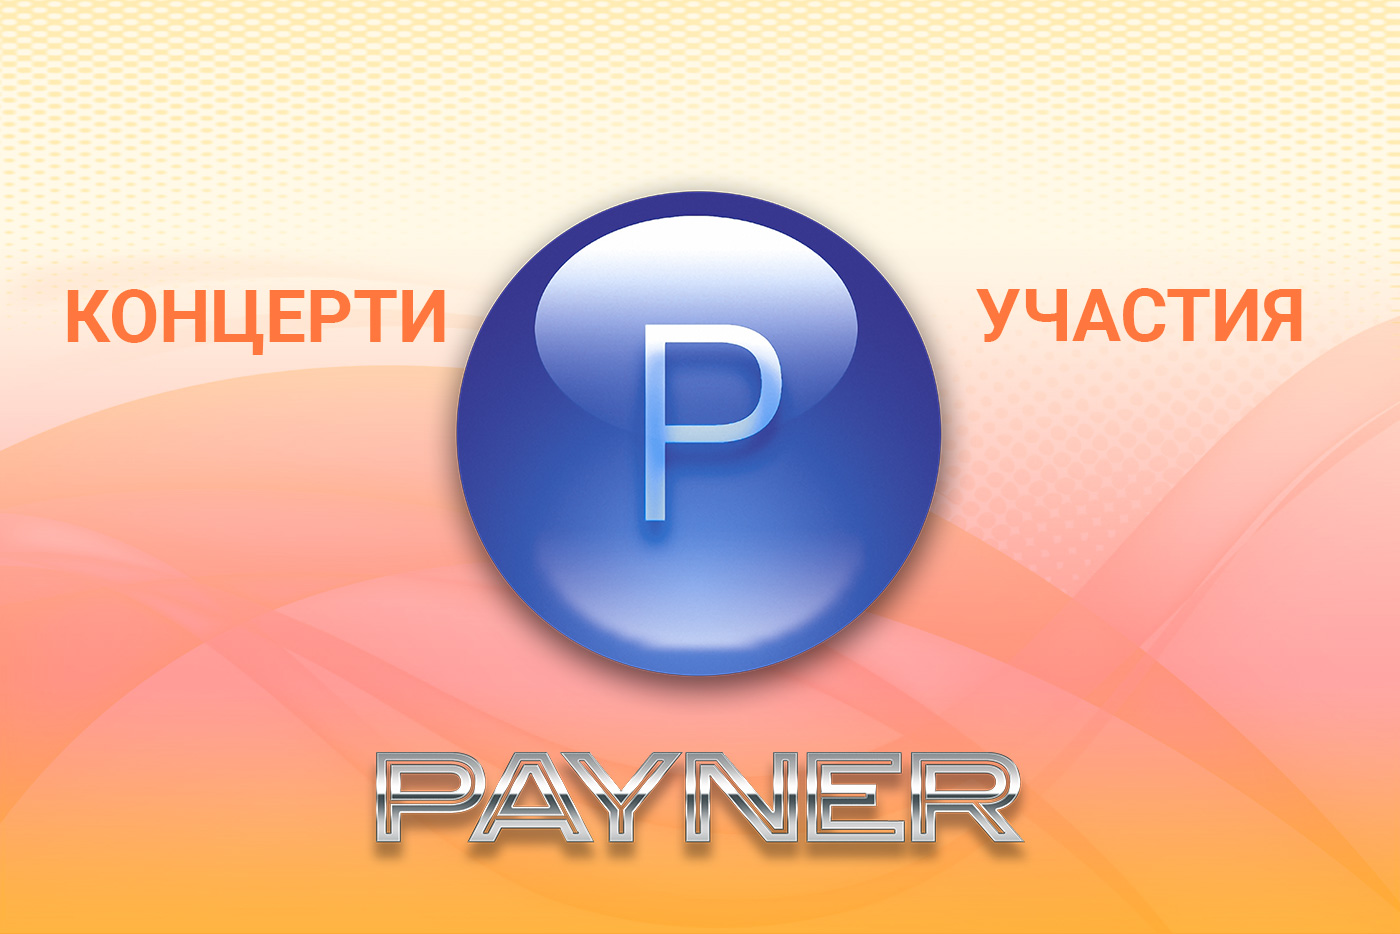 """Участия на звездите на """"Пайнер"""" на 24.01.2020"""